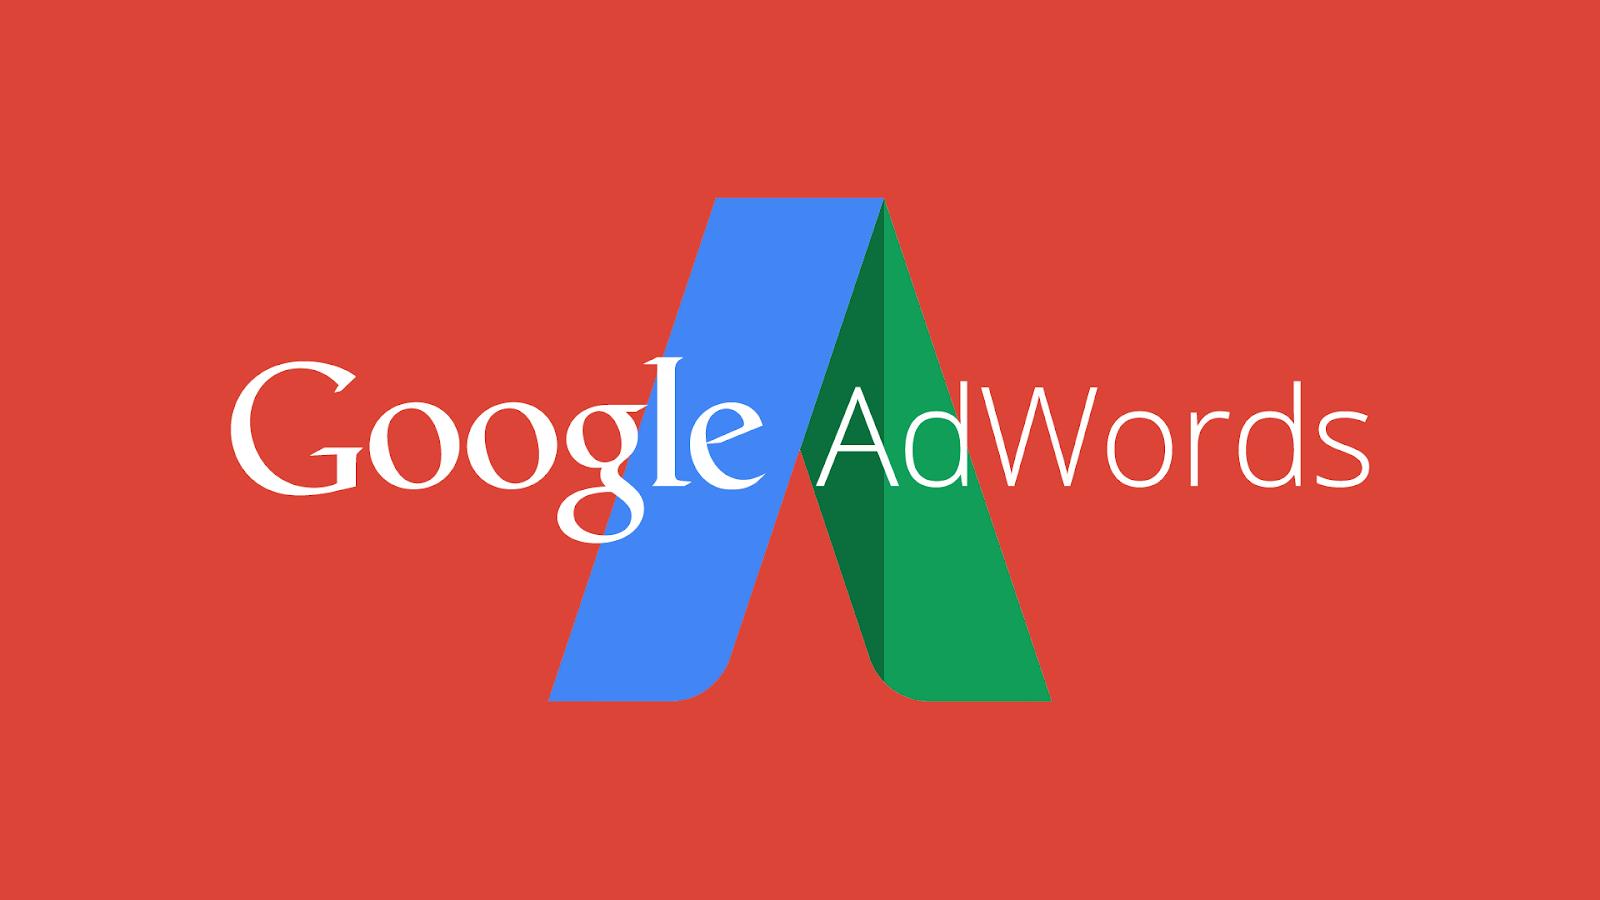 Google Adwords Nedir? Reklam Modelleri Nelerdir?